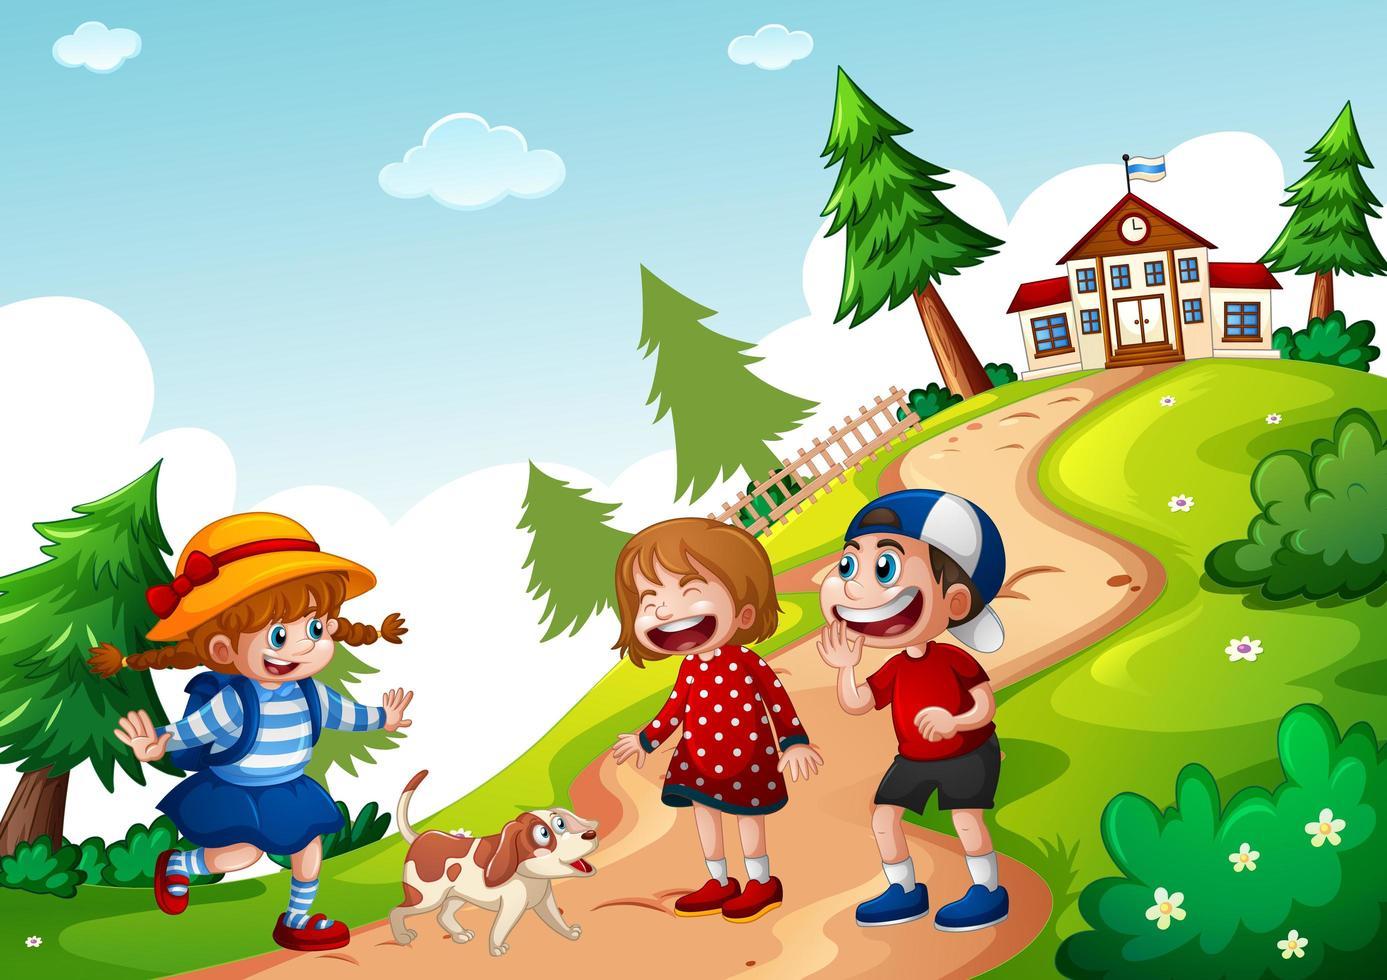 glada tre barn går till skolan scen vektor